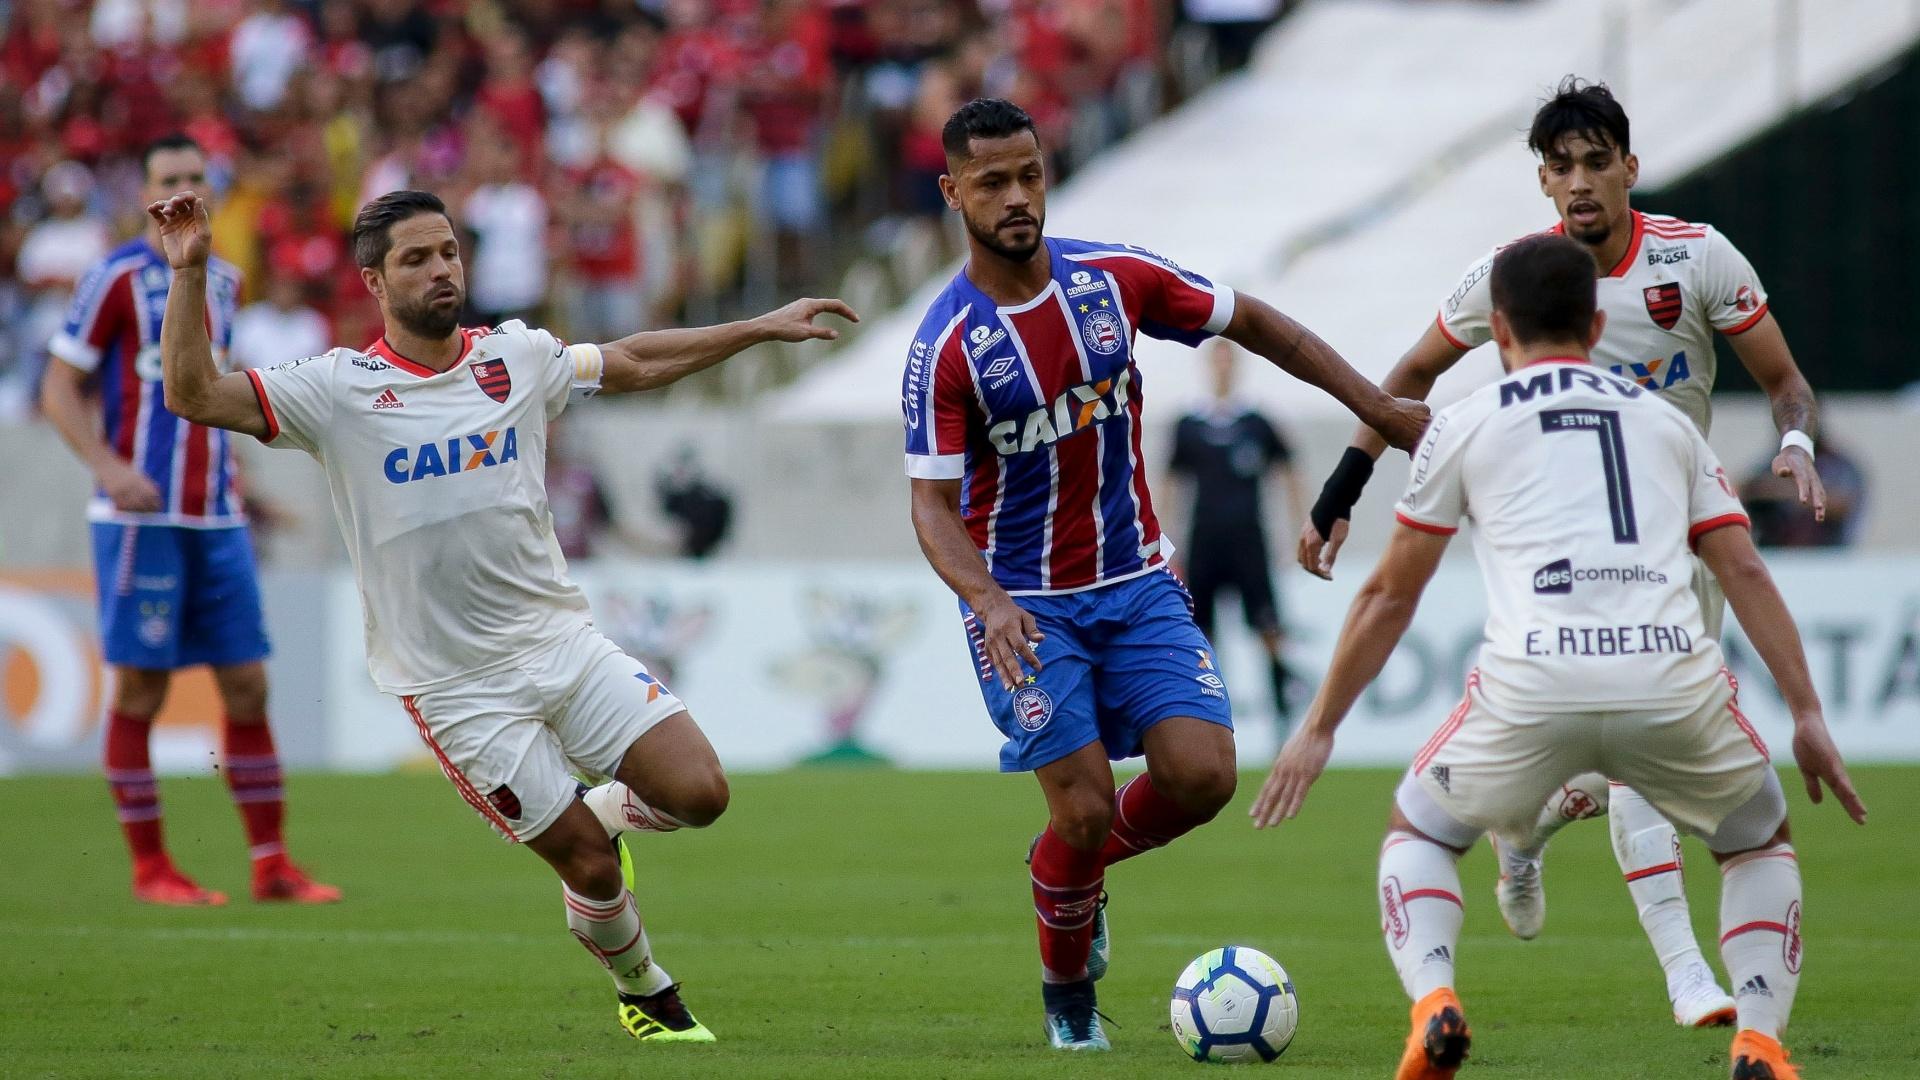 Elton, do Bahia, carrega a bola cerca por Diego (esq.), Lucas Paquetá e Everton Ribeiro, do Flamengo, em jogo do Campeonato Brasileiro